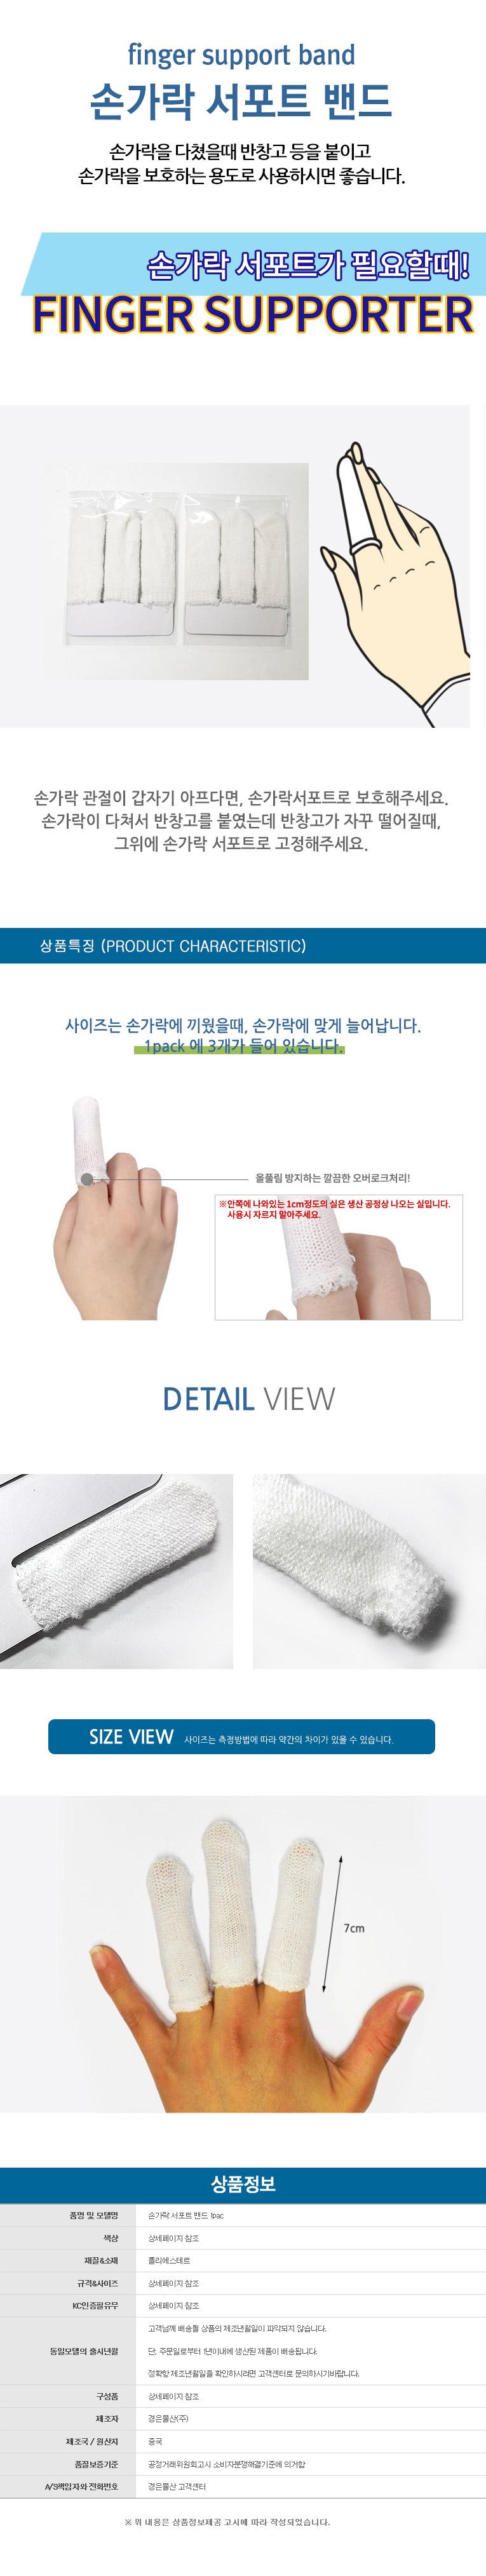 손가락 밴드 - 생활통, 2,500원, 인라인, 보호대